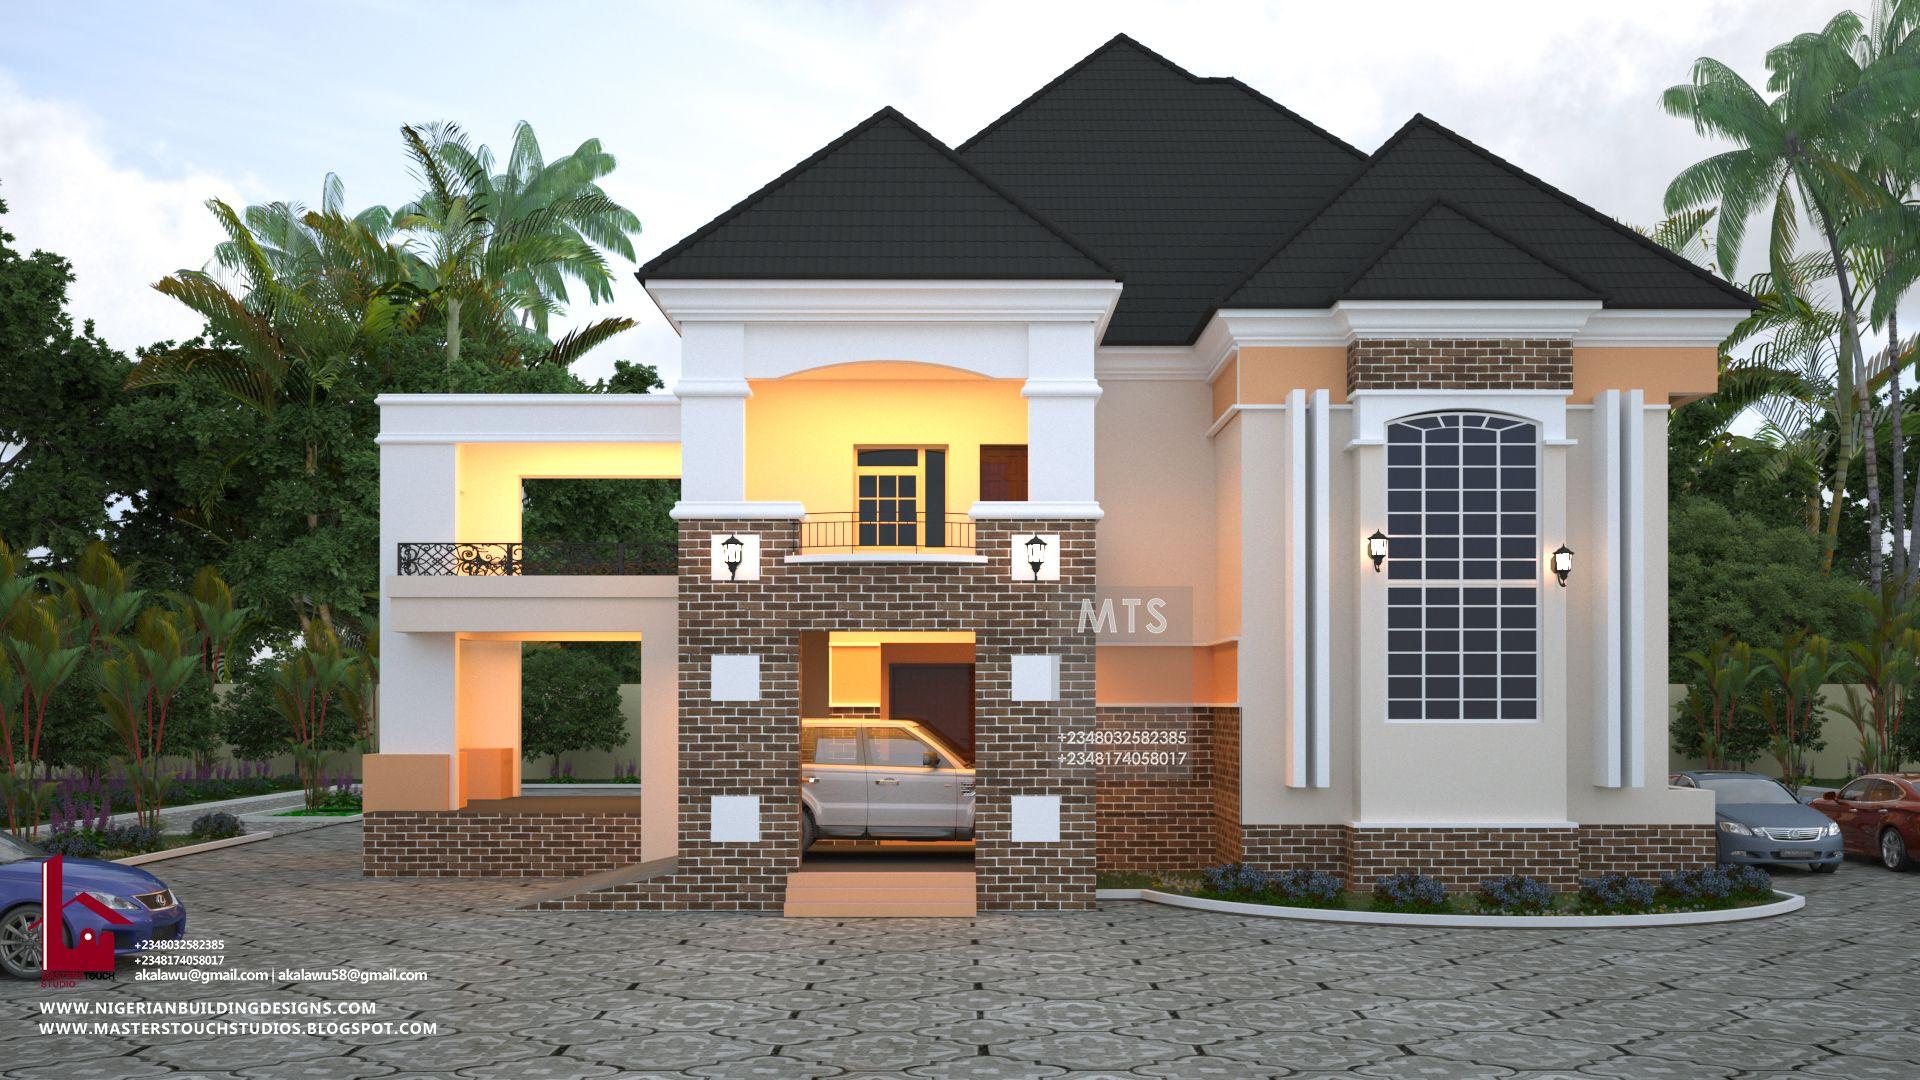 4 Bedroom Trending Duplex Rf D4009 Duplex House Design Architect Design House Duplex Design